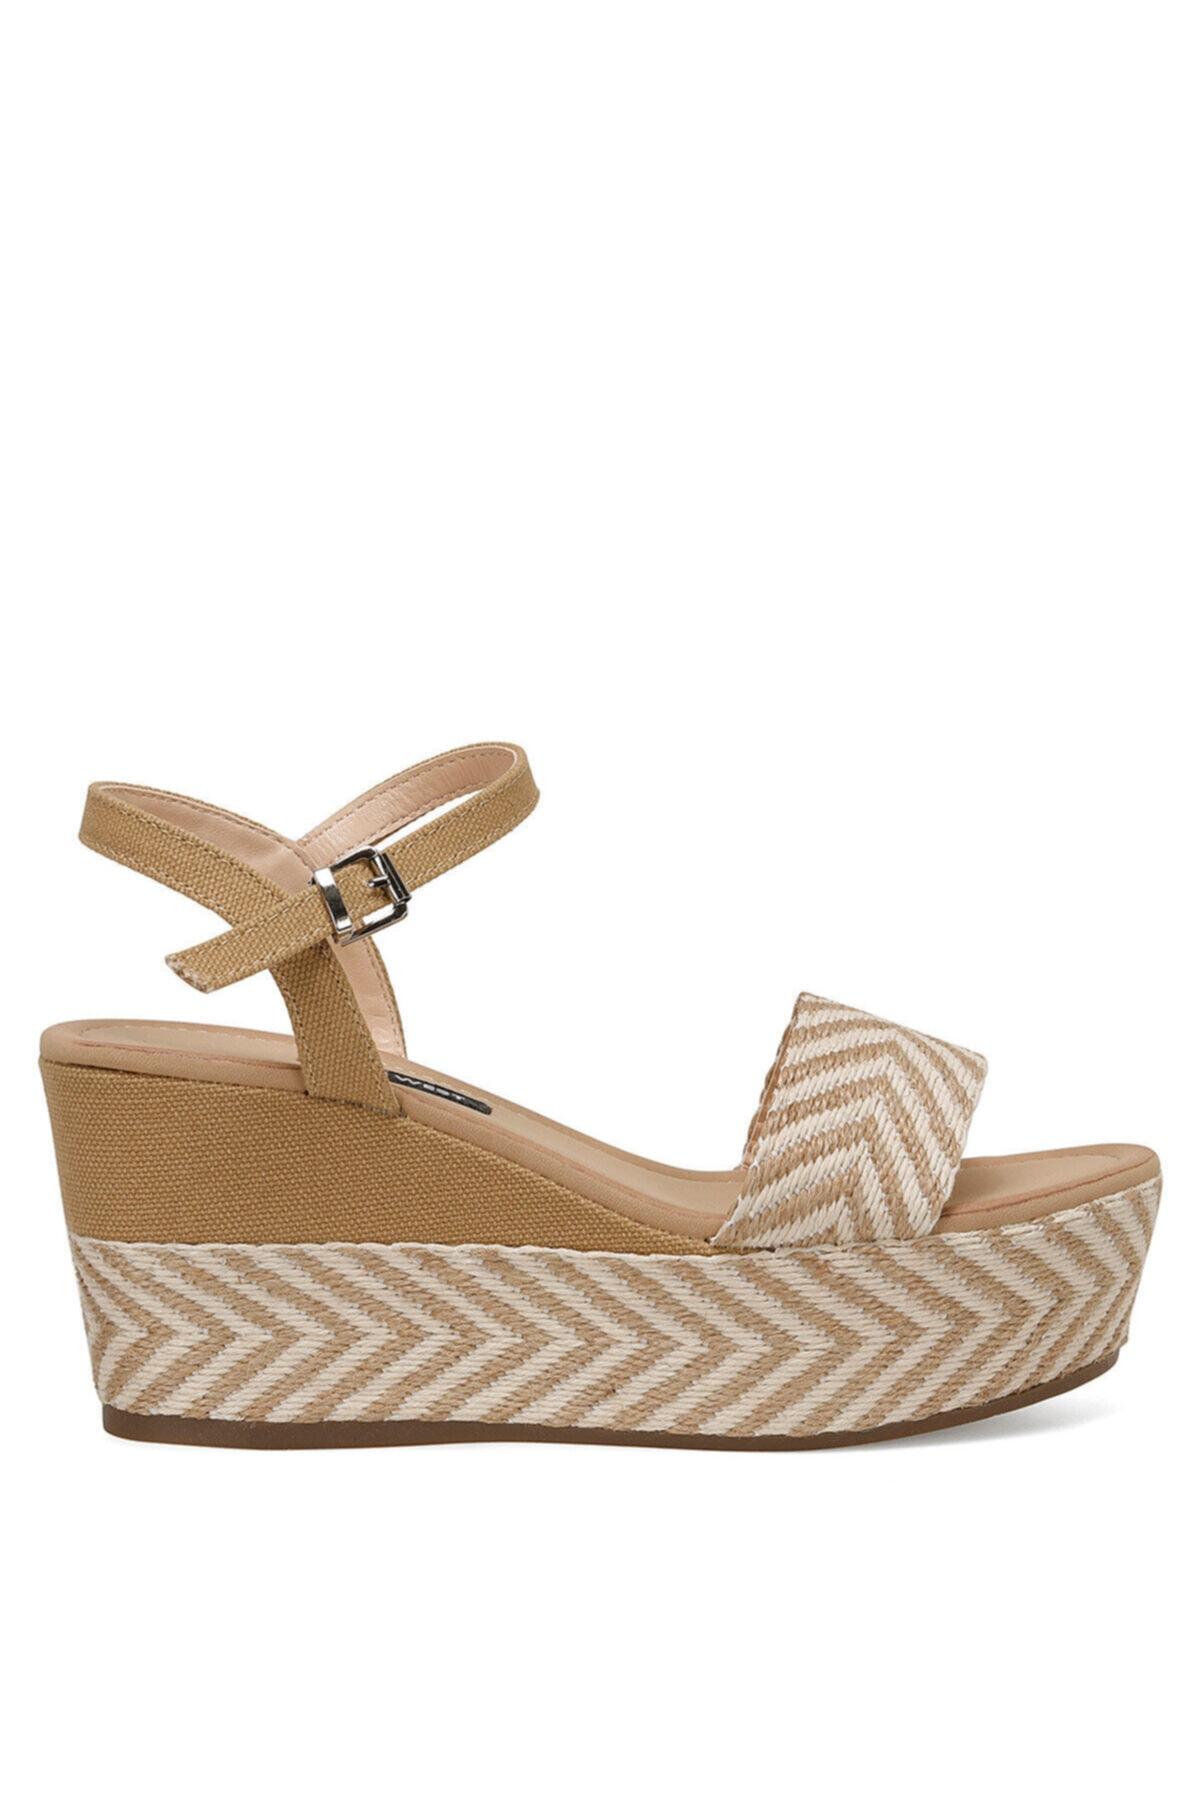 Nine West NORMA Haki Kadın Dolgu Topuklu Sandalet 100524808 1